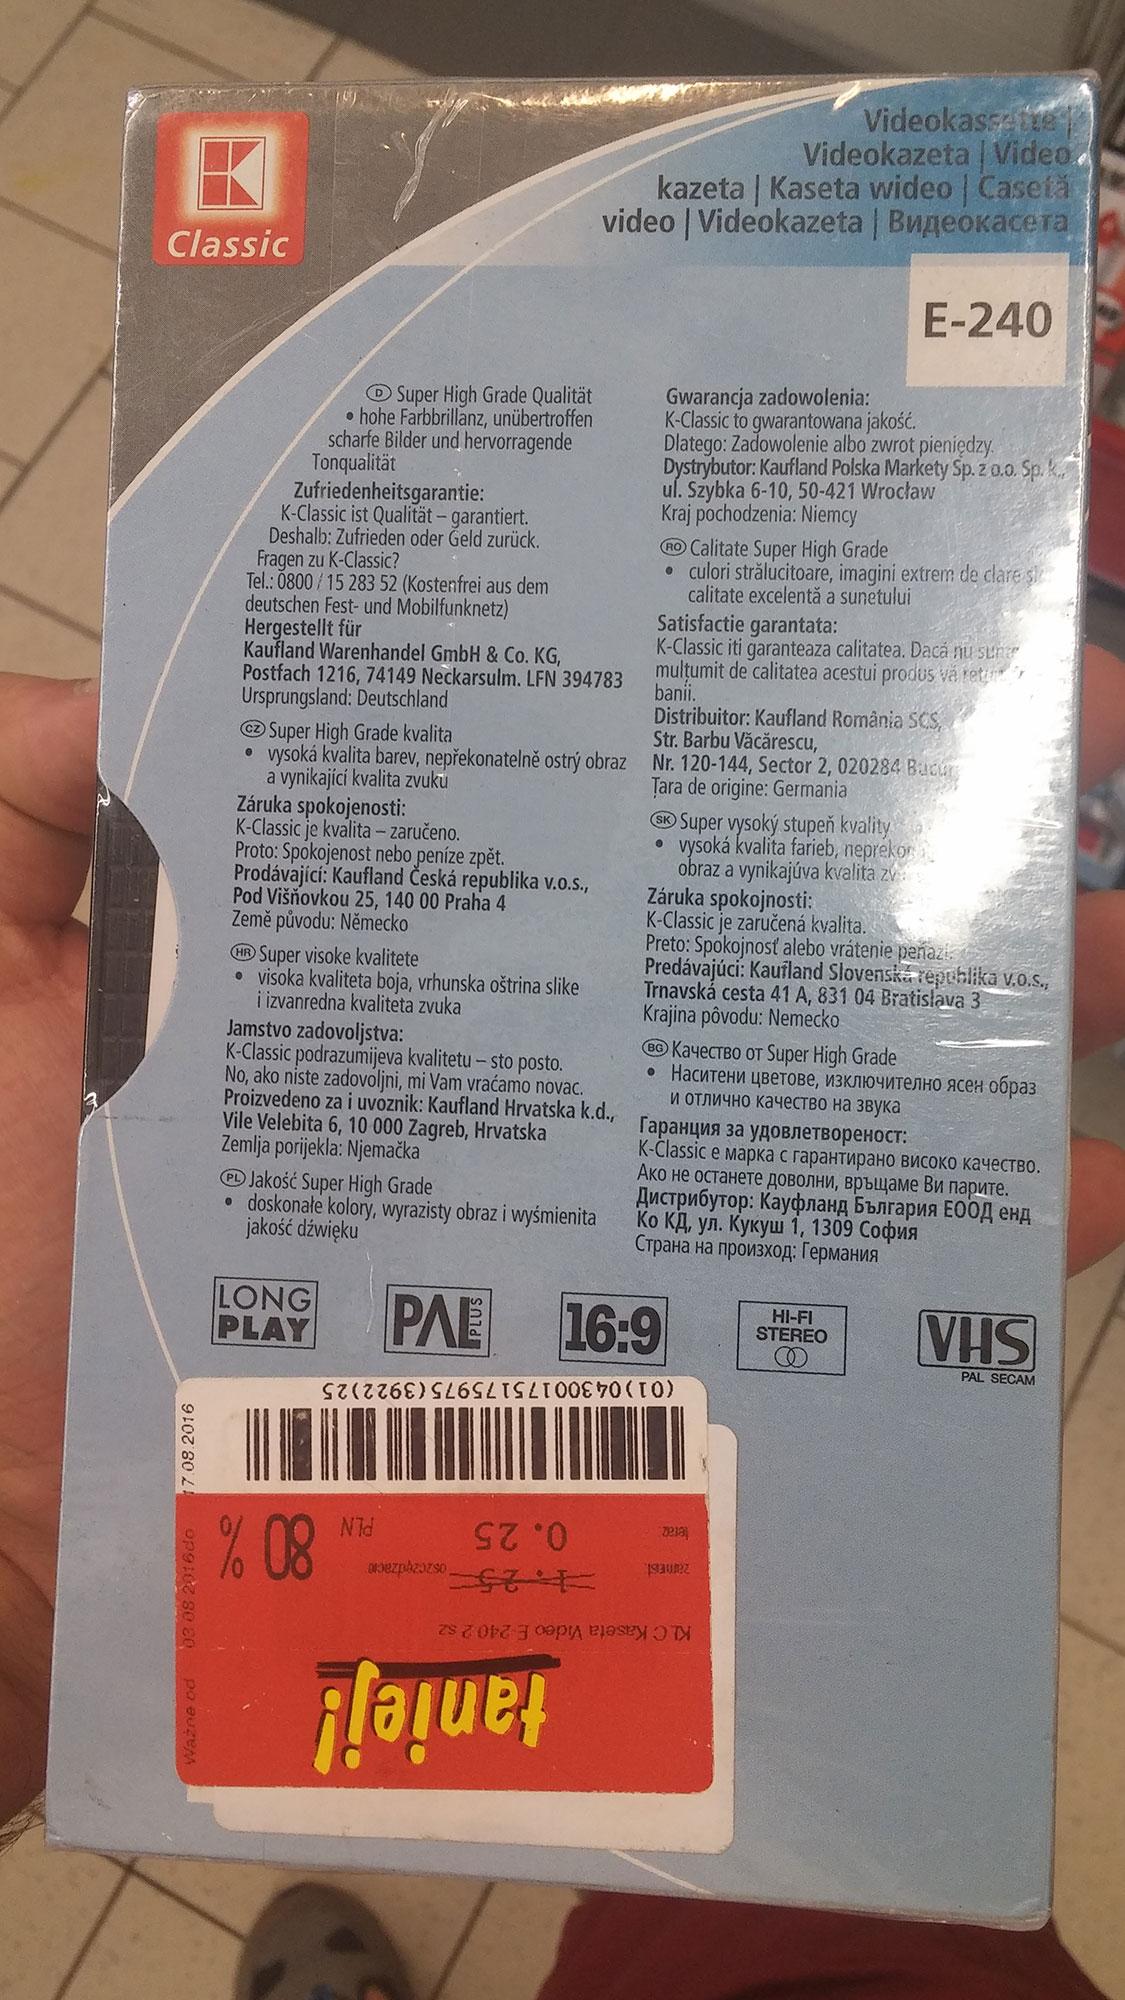 Kasety VHS 2szt E-240